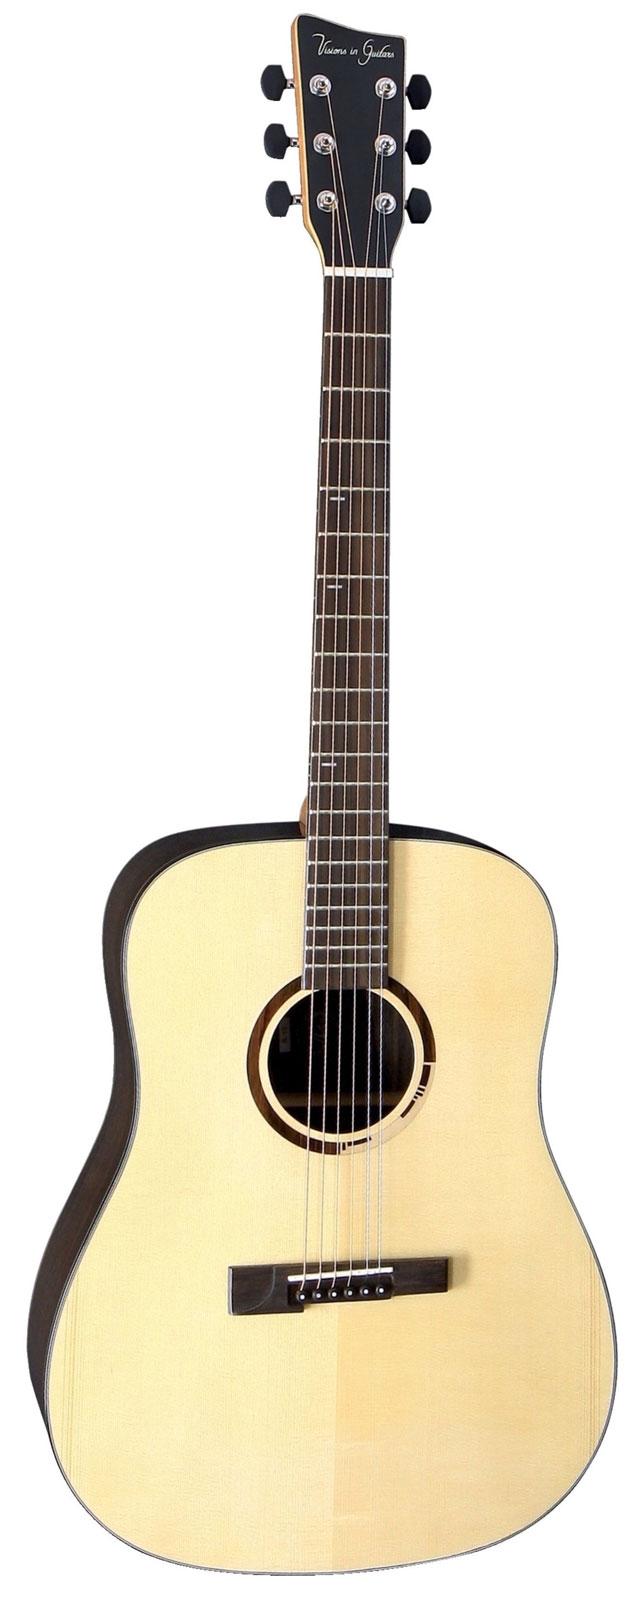 Achat guitare folk Vig : comparer les prix Vig sur l'espace achat